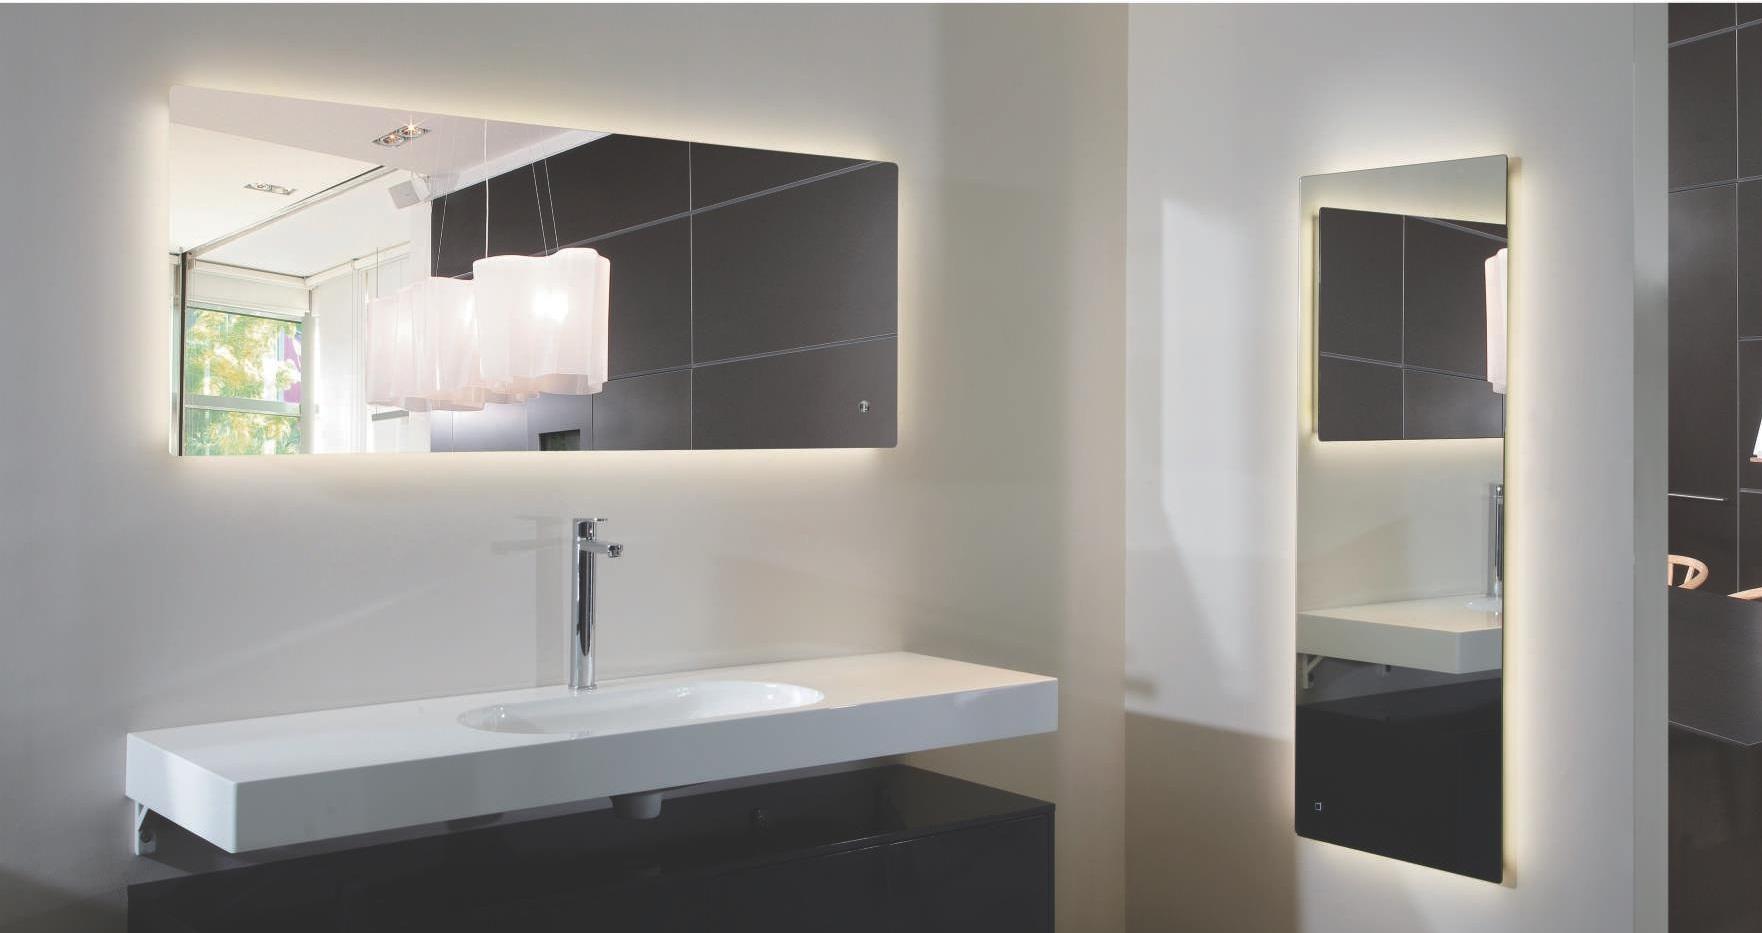 Liteharbor LED Back-lit Mirror